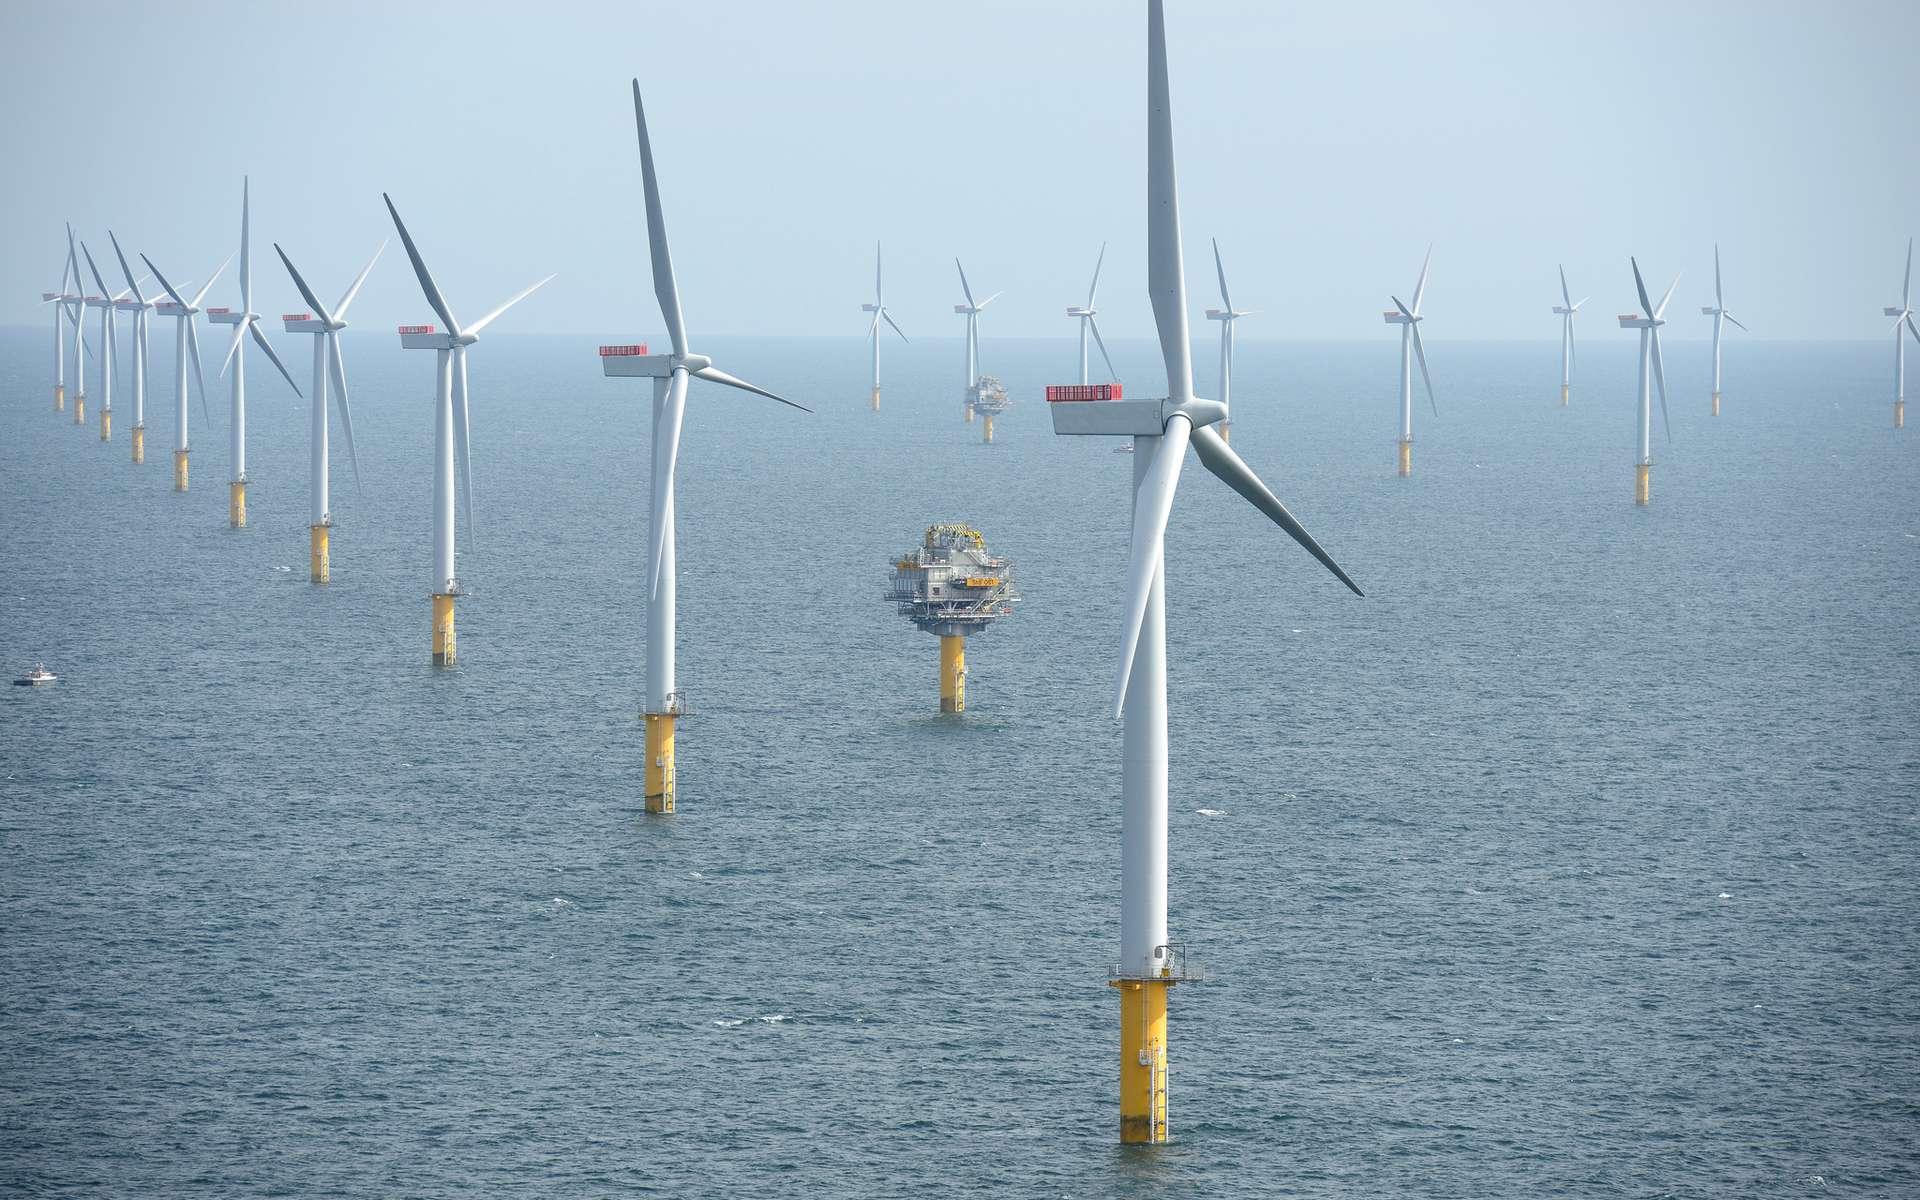 Le parc éolien de Sheringham Shoal, en mer du Nord, au large de Norfolk, en Angleterre, totalise 316,8 MW. © NHD-Info, CC by-sa 2.0